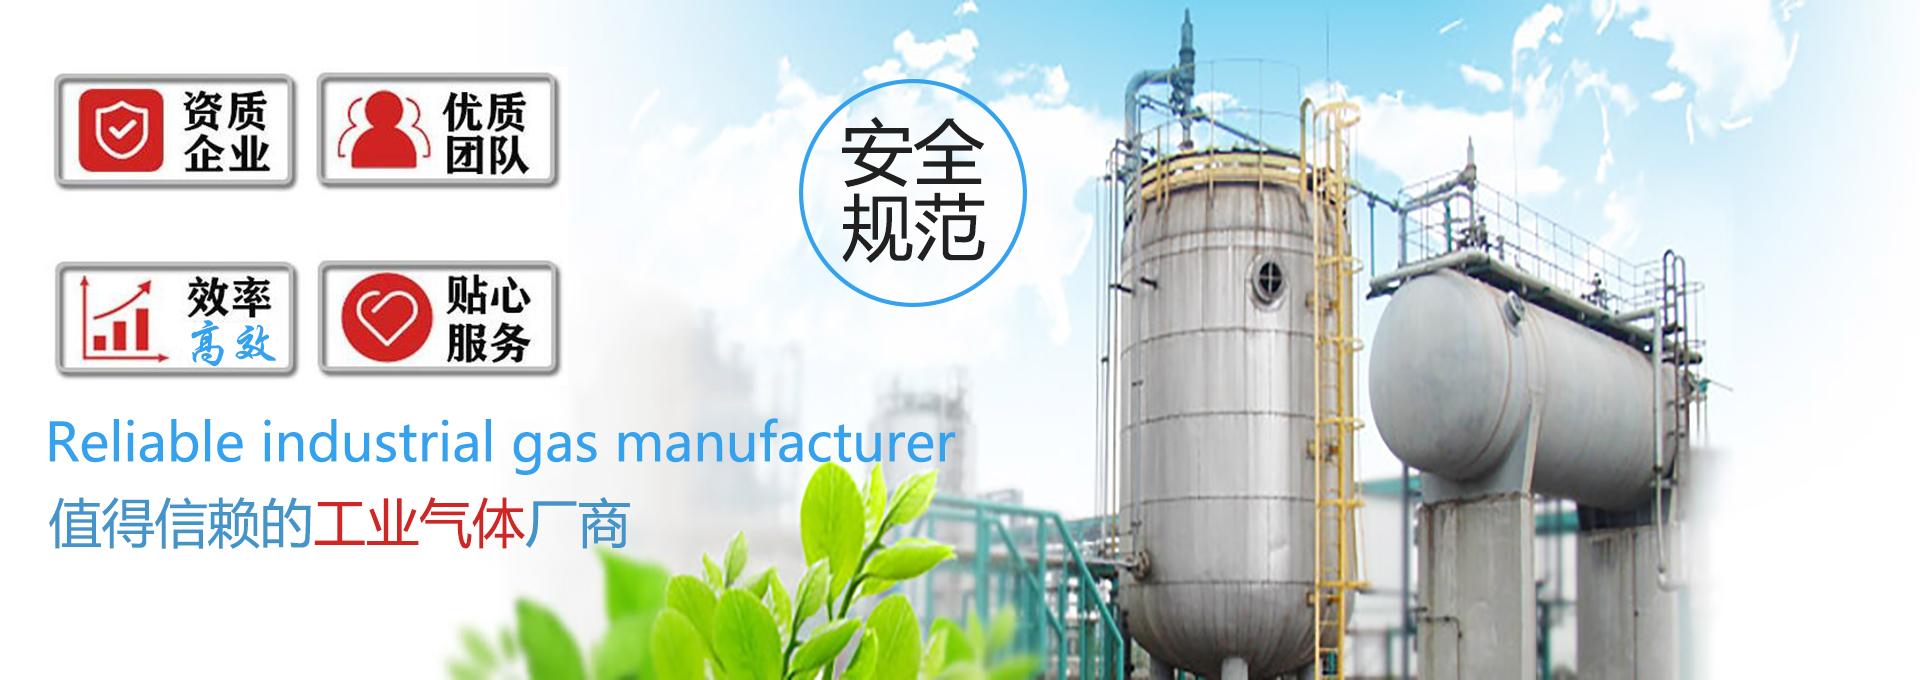 贵州气体公司